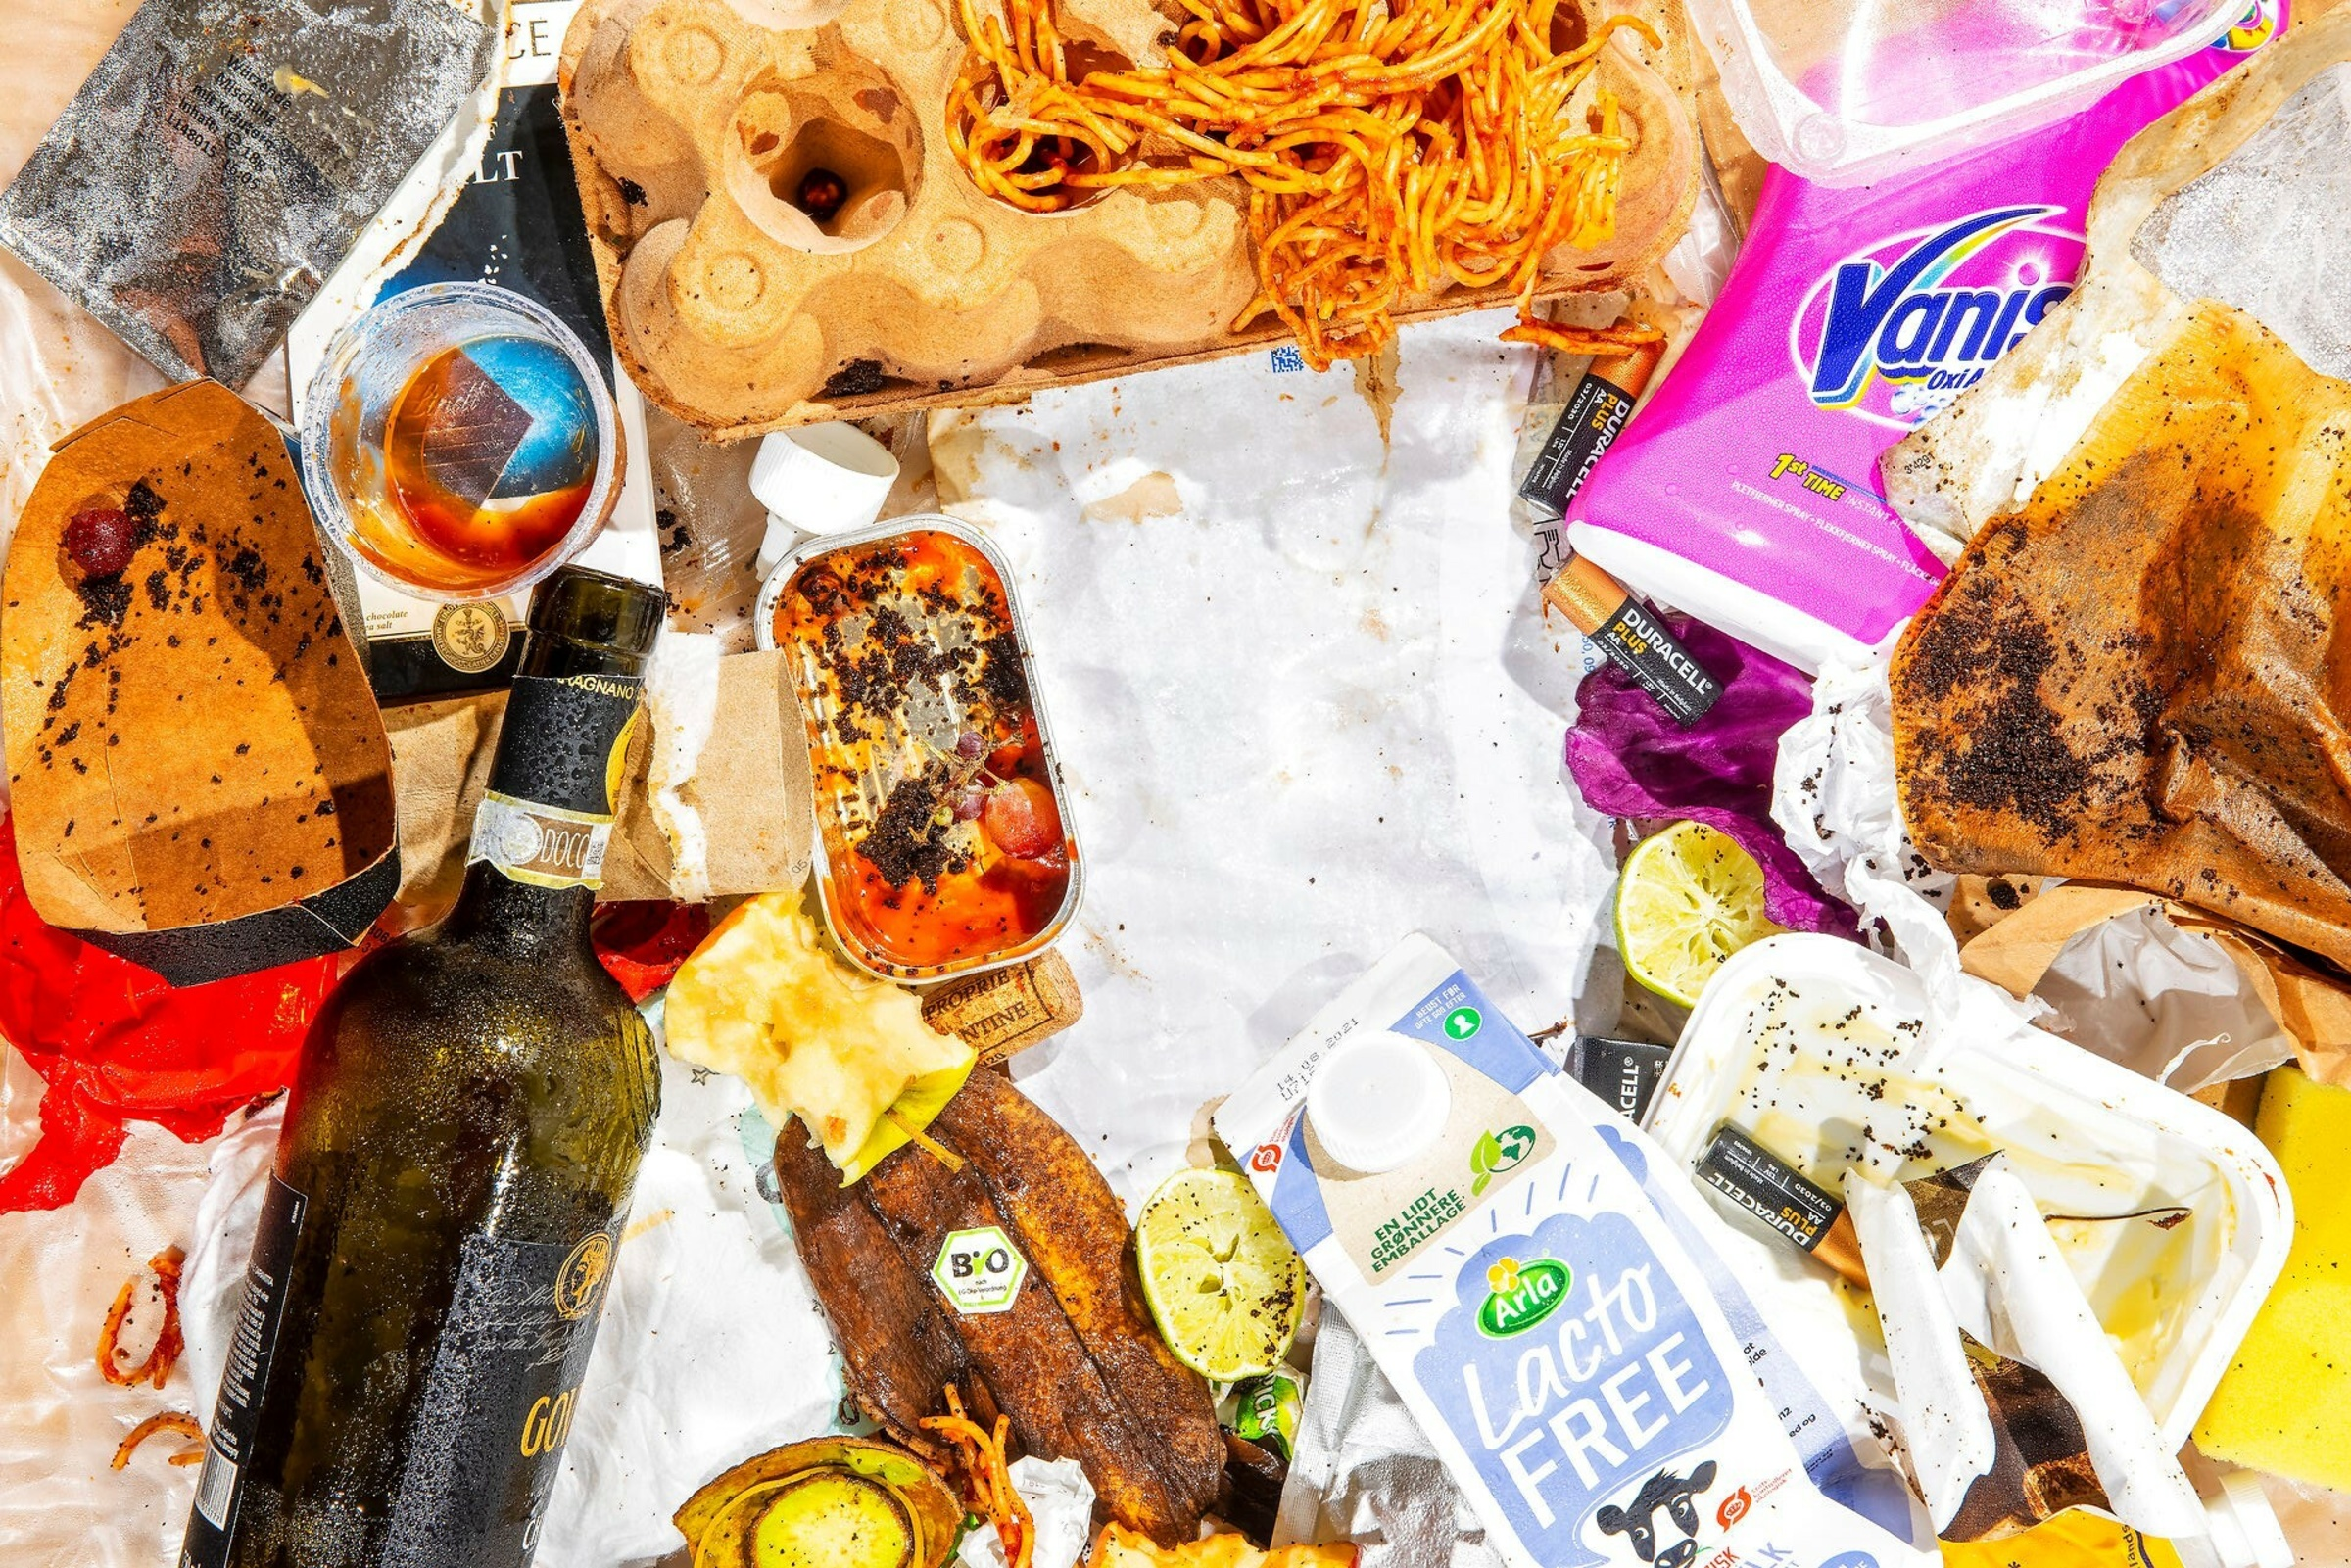 <p>Fremover skal vi sortere vores affald i ti kategorier: mad, metal, glas, plast, papir, pap, tekstil, drikke- og fødevarekartoner, restaffald og farligt affald. Foto: Tobias Nicolai</p> Foto: